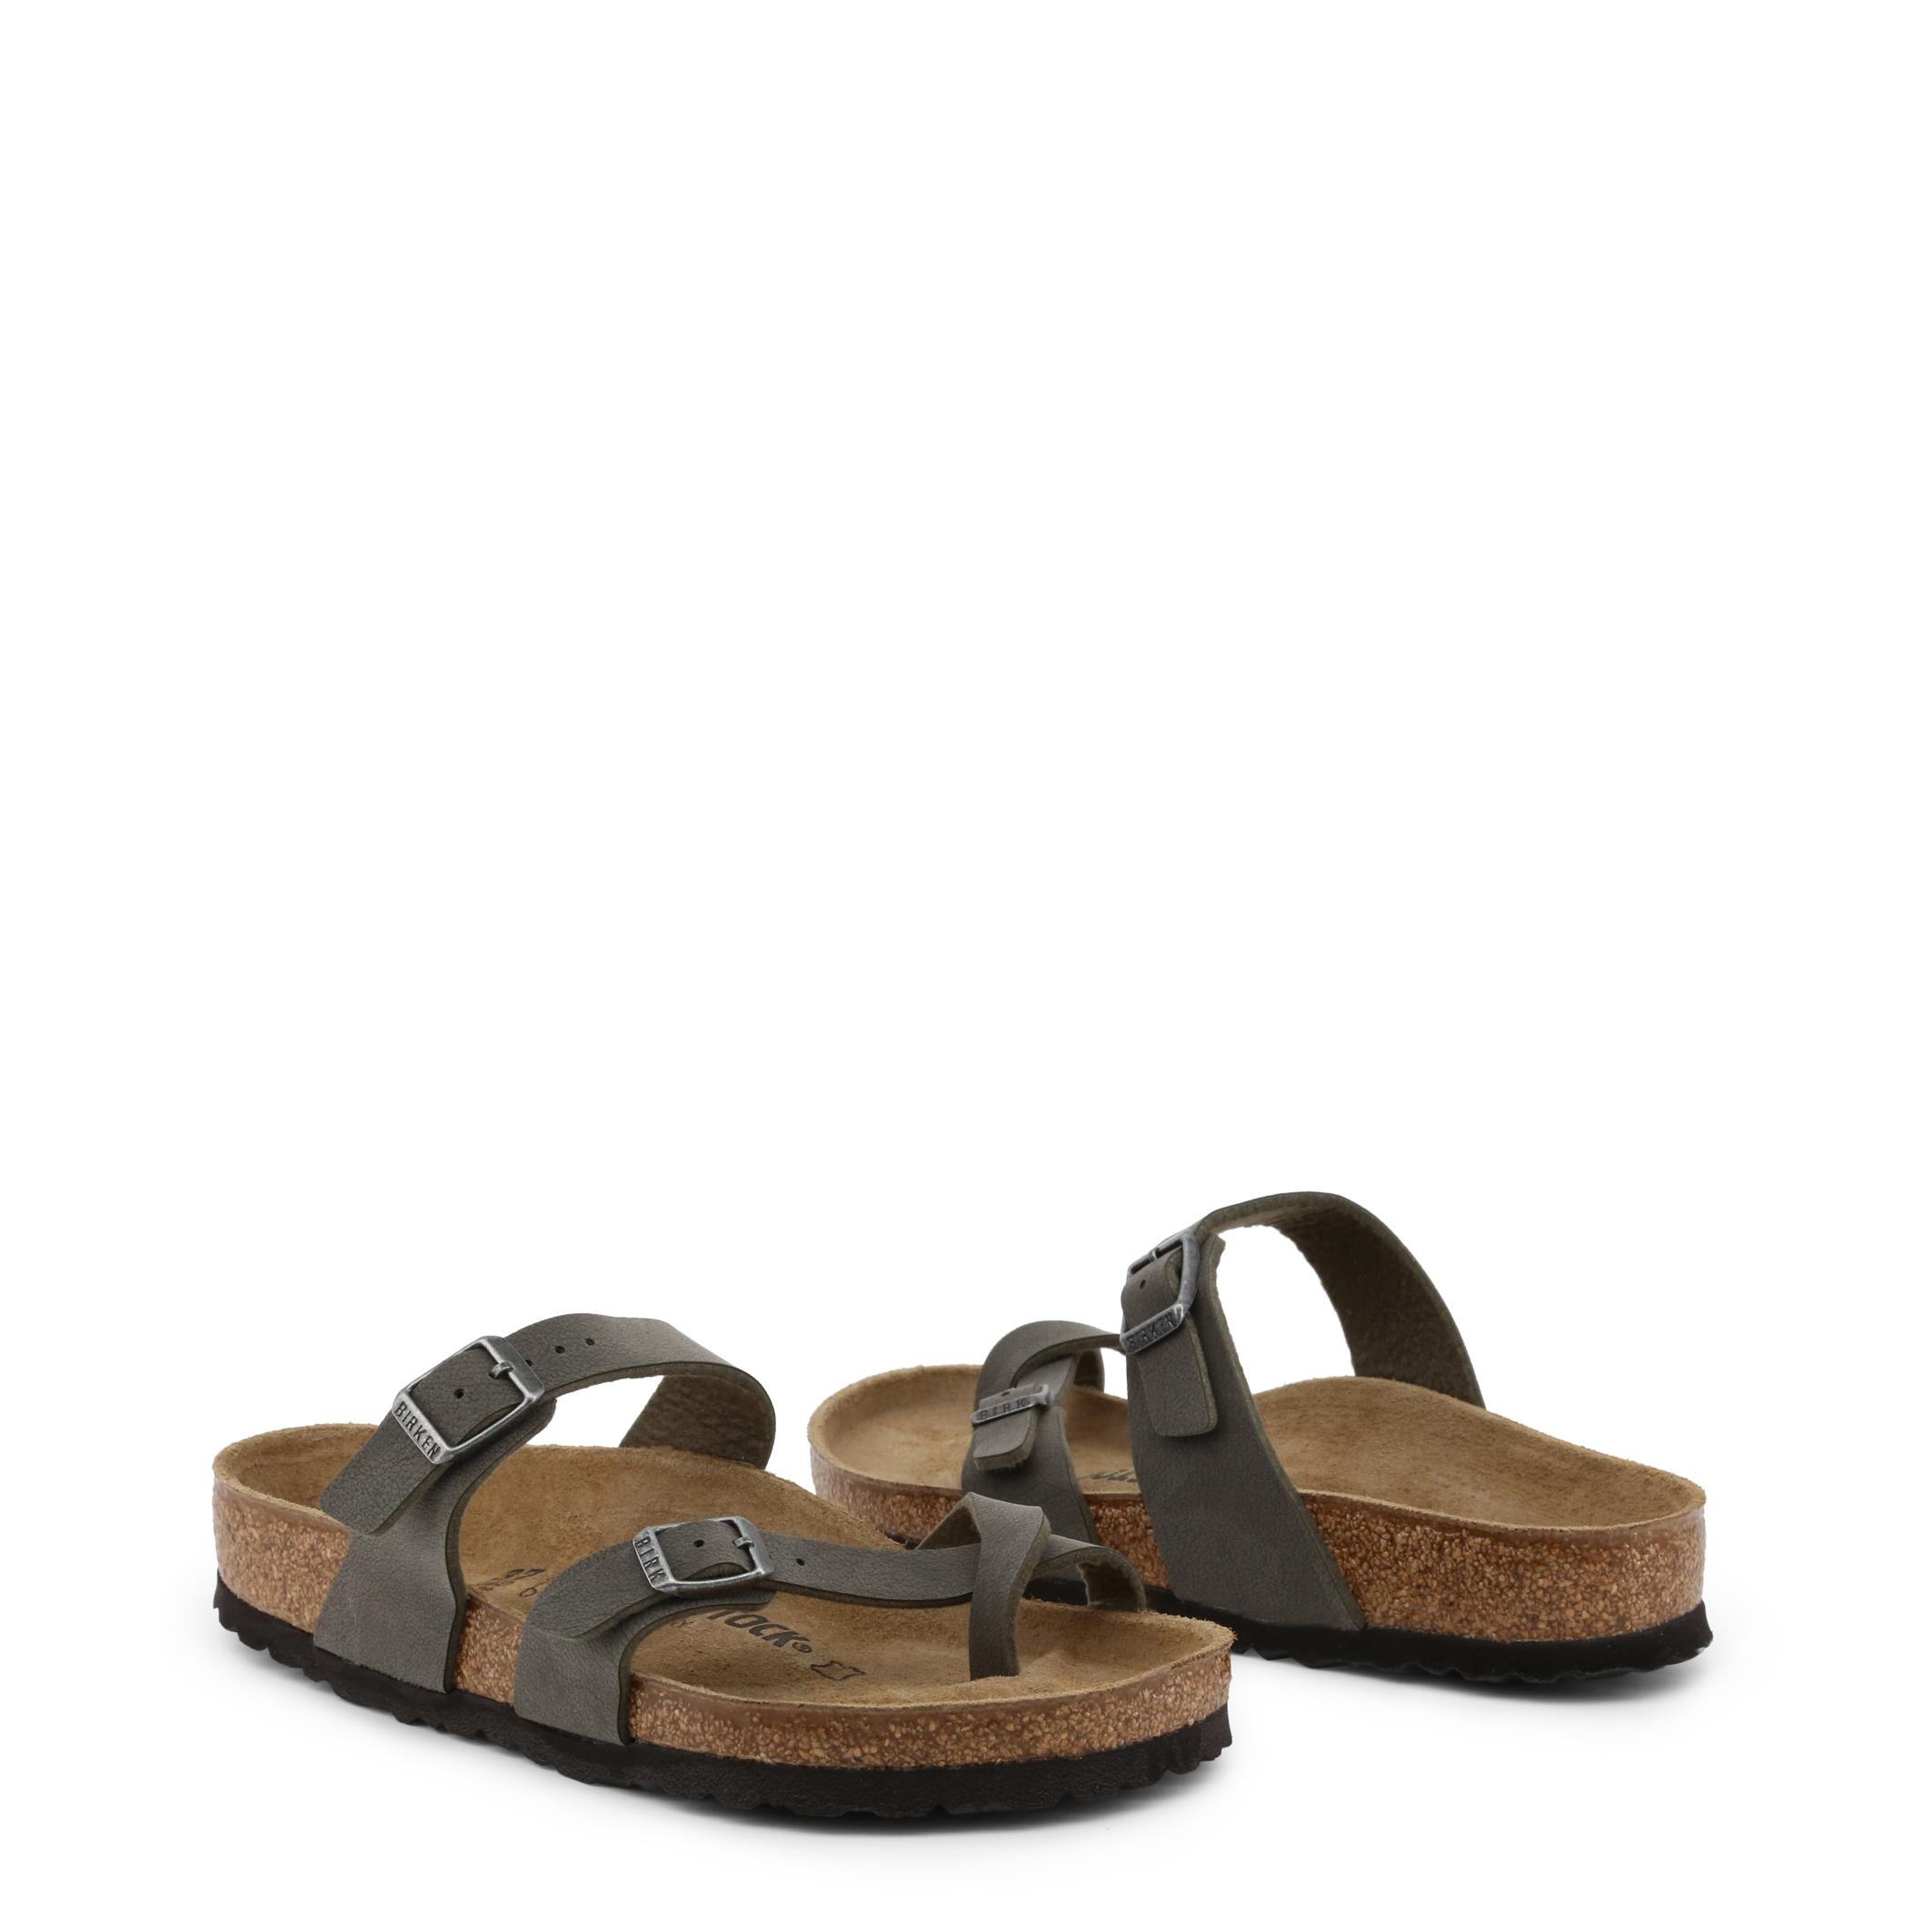 Tongs / Mules  Birkenstock MAYARI_OILED brown